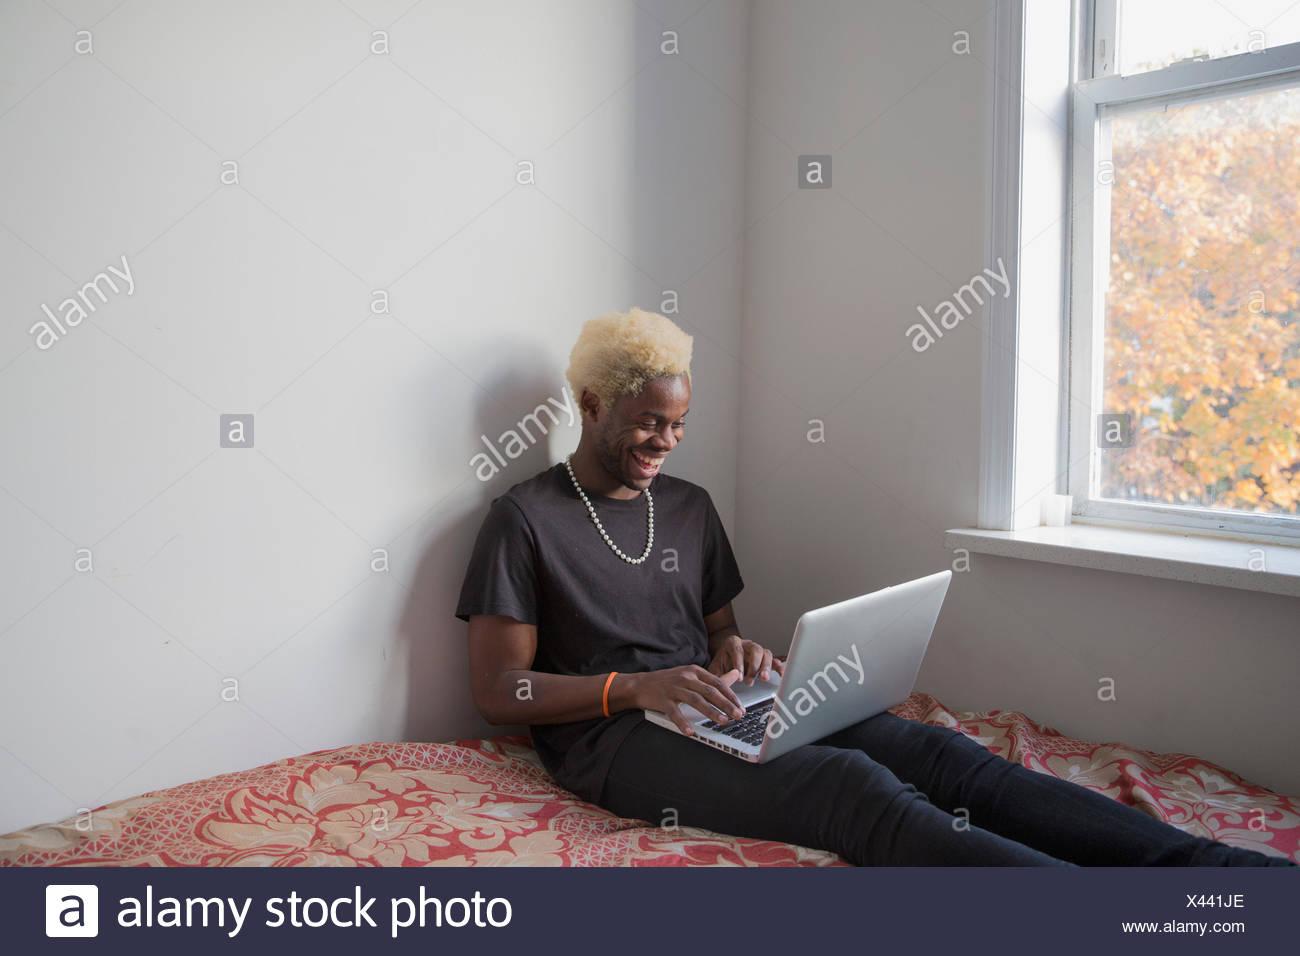 Jeune homme souriant comme il tape sur son ordinateur portable par une fenêtre à la maison Photo Stock